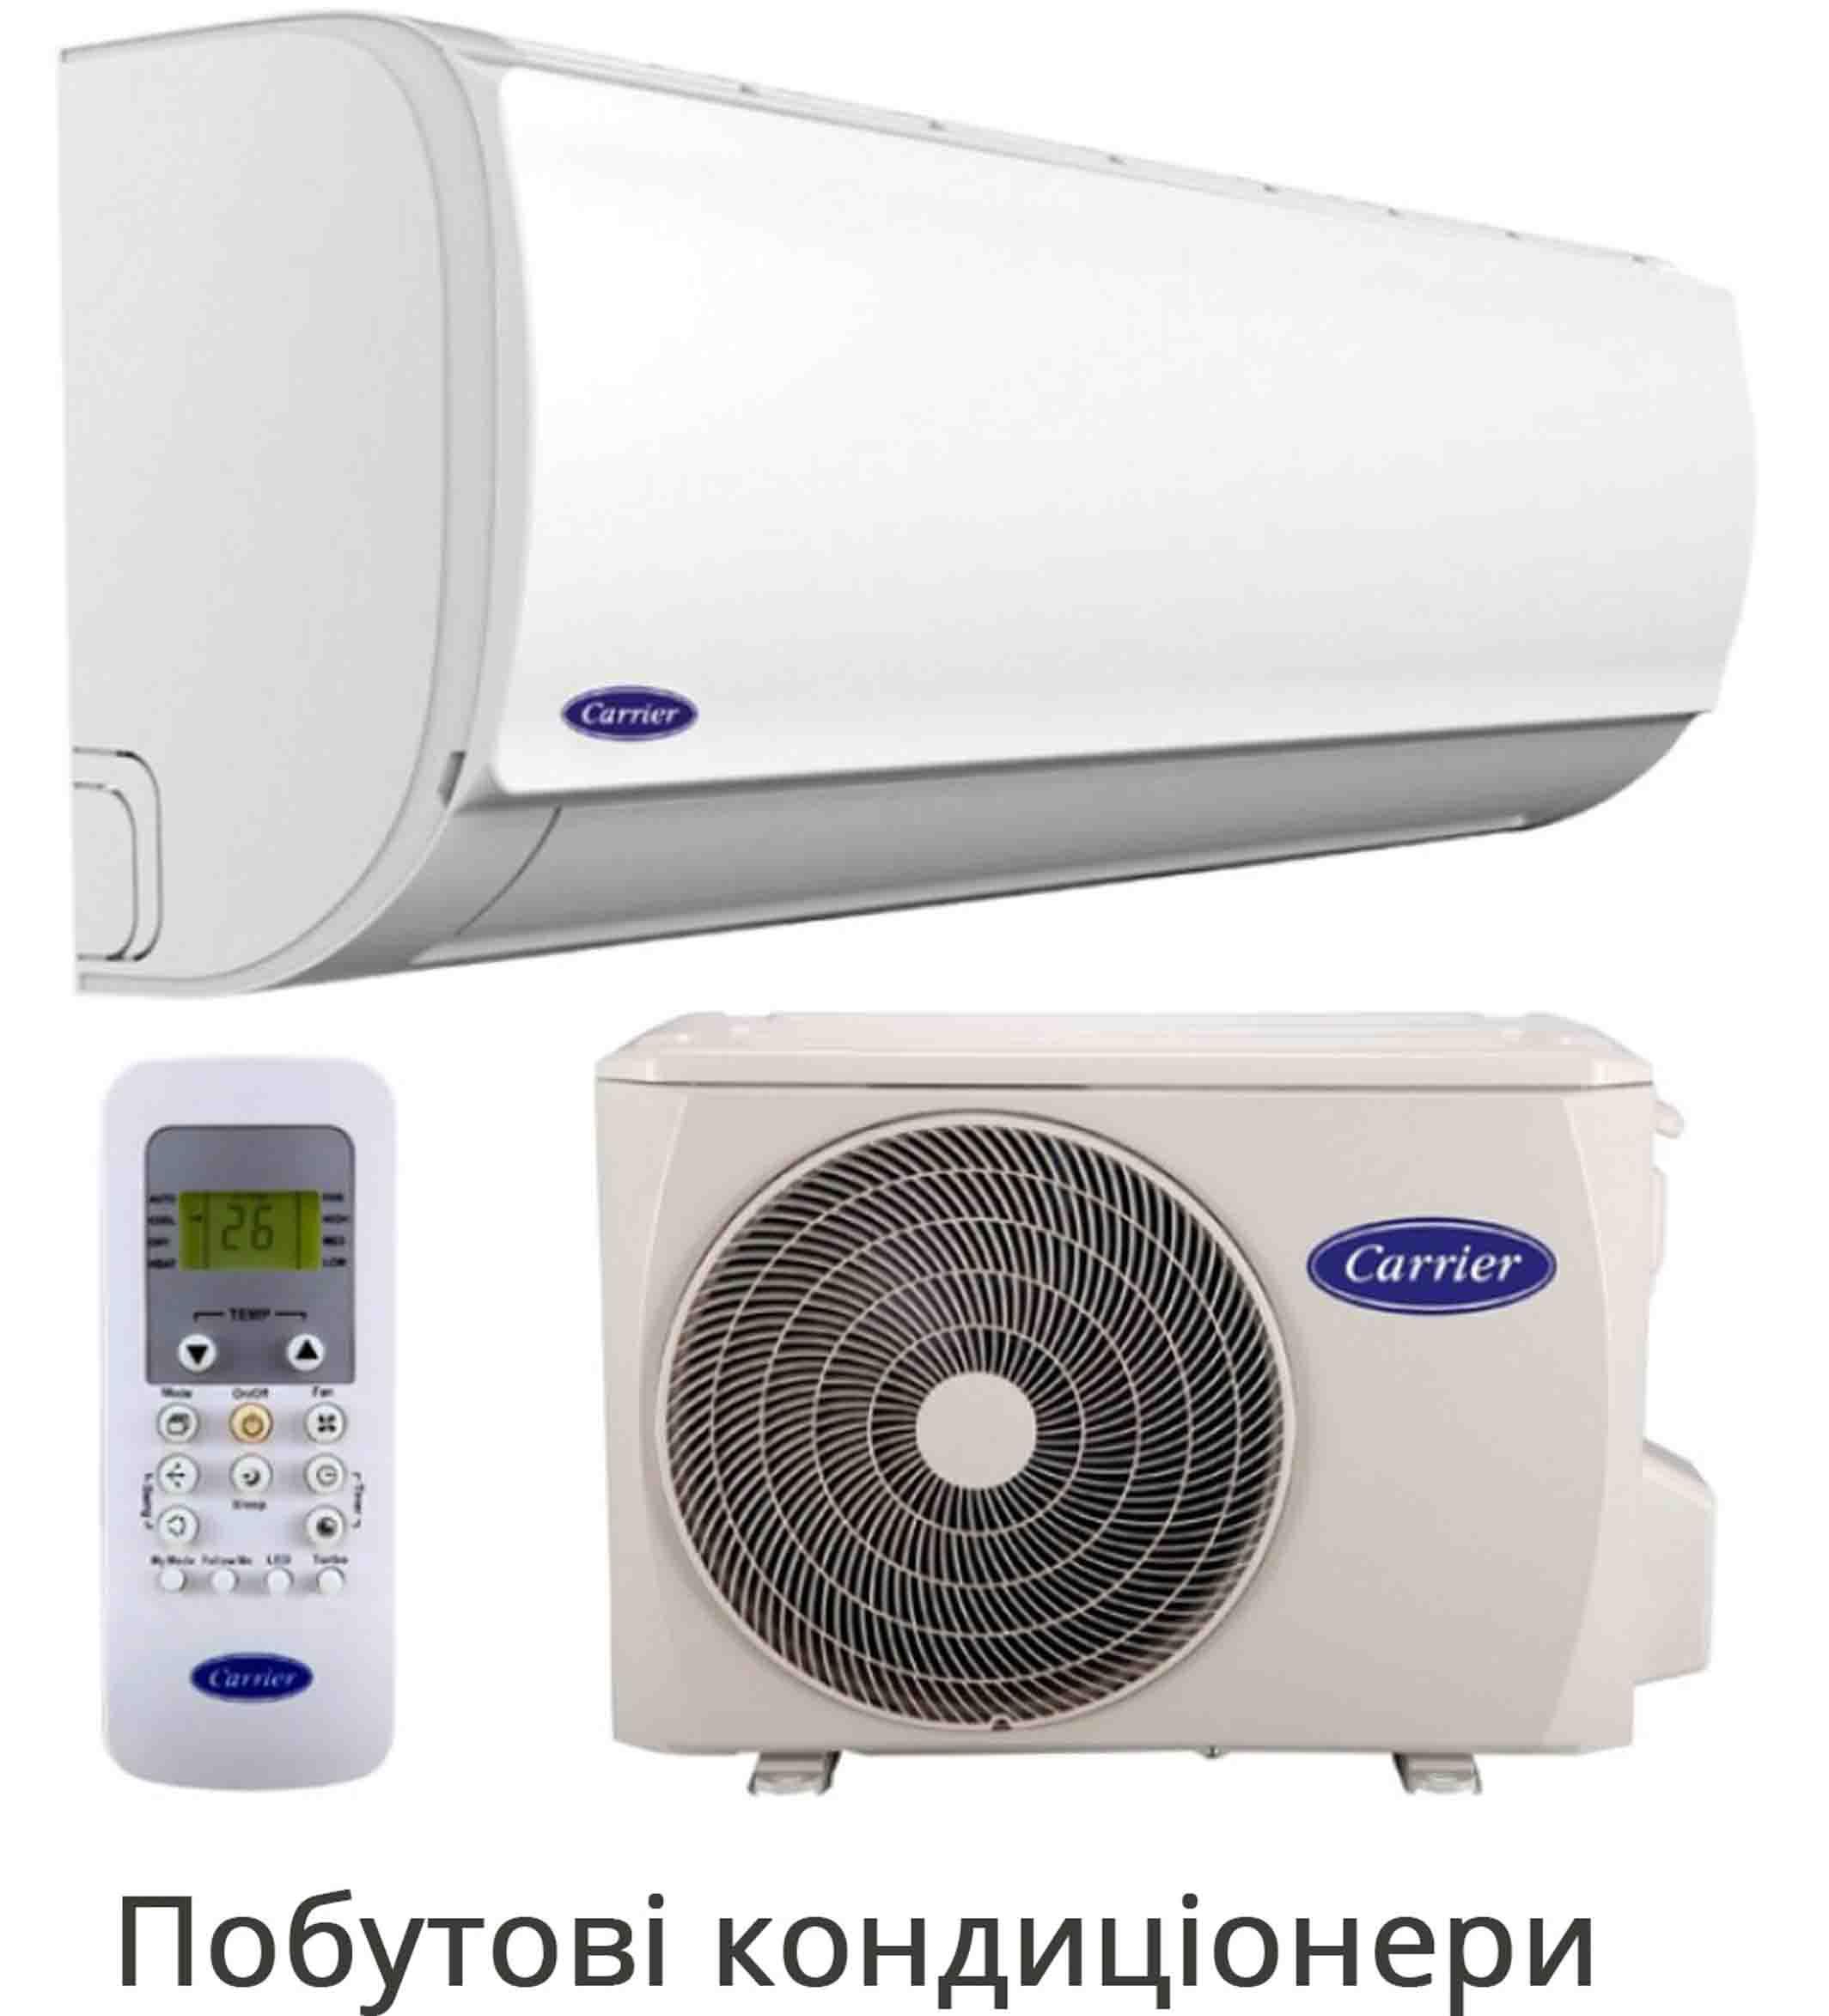 Осушители воздуха для дома и офиса немецкого качества фото 5